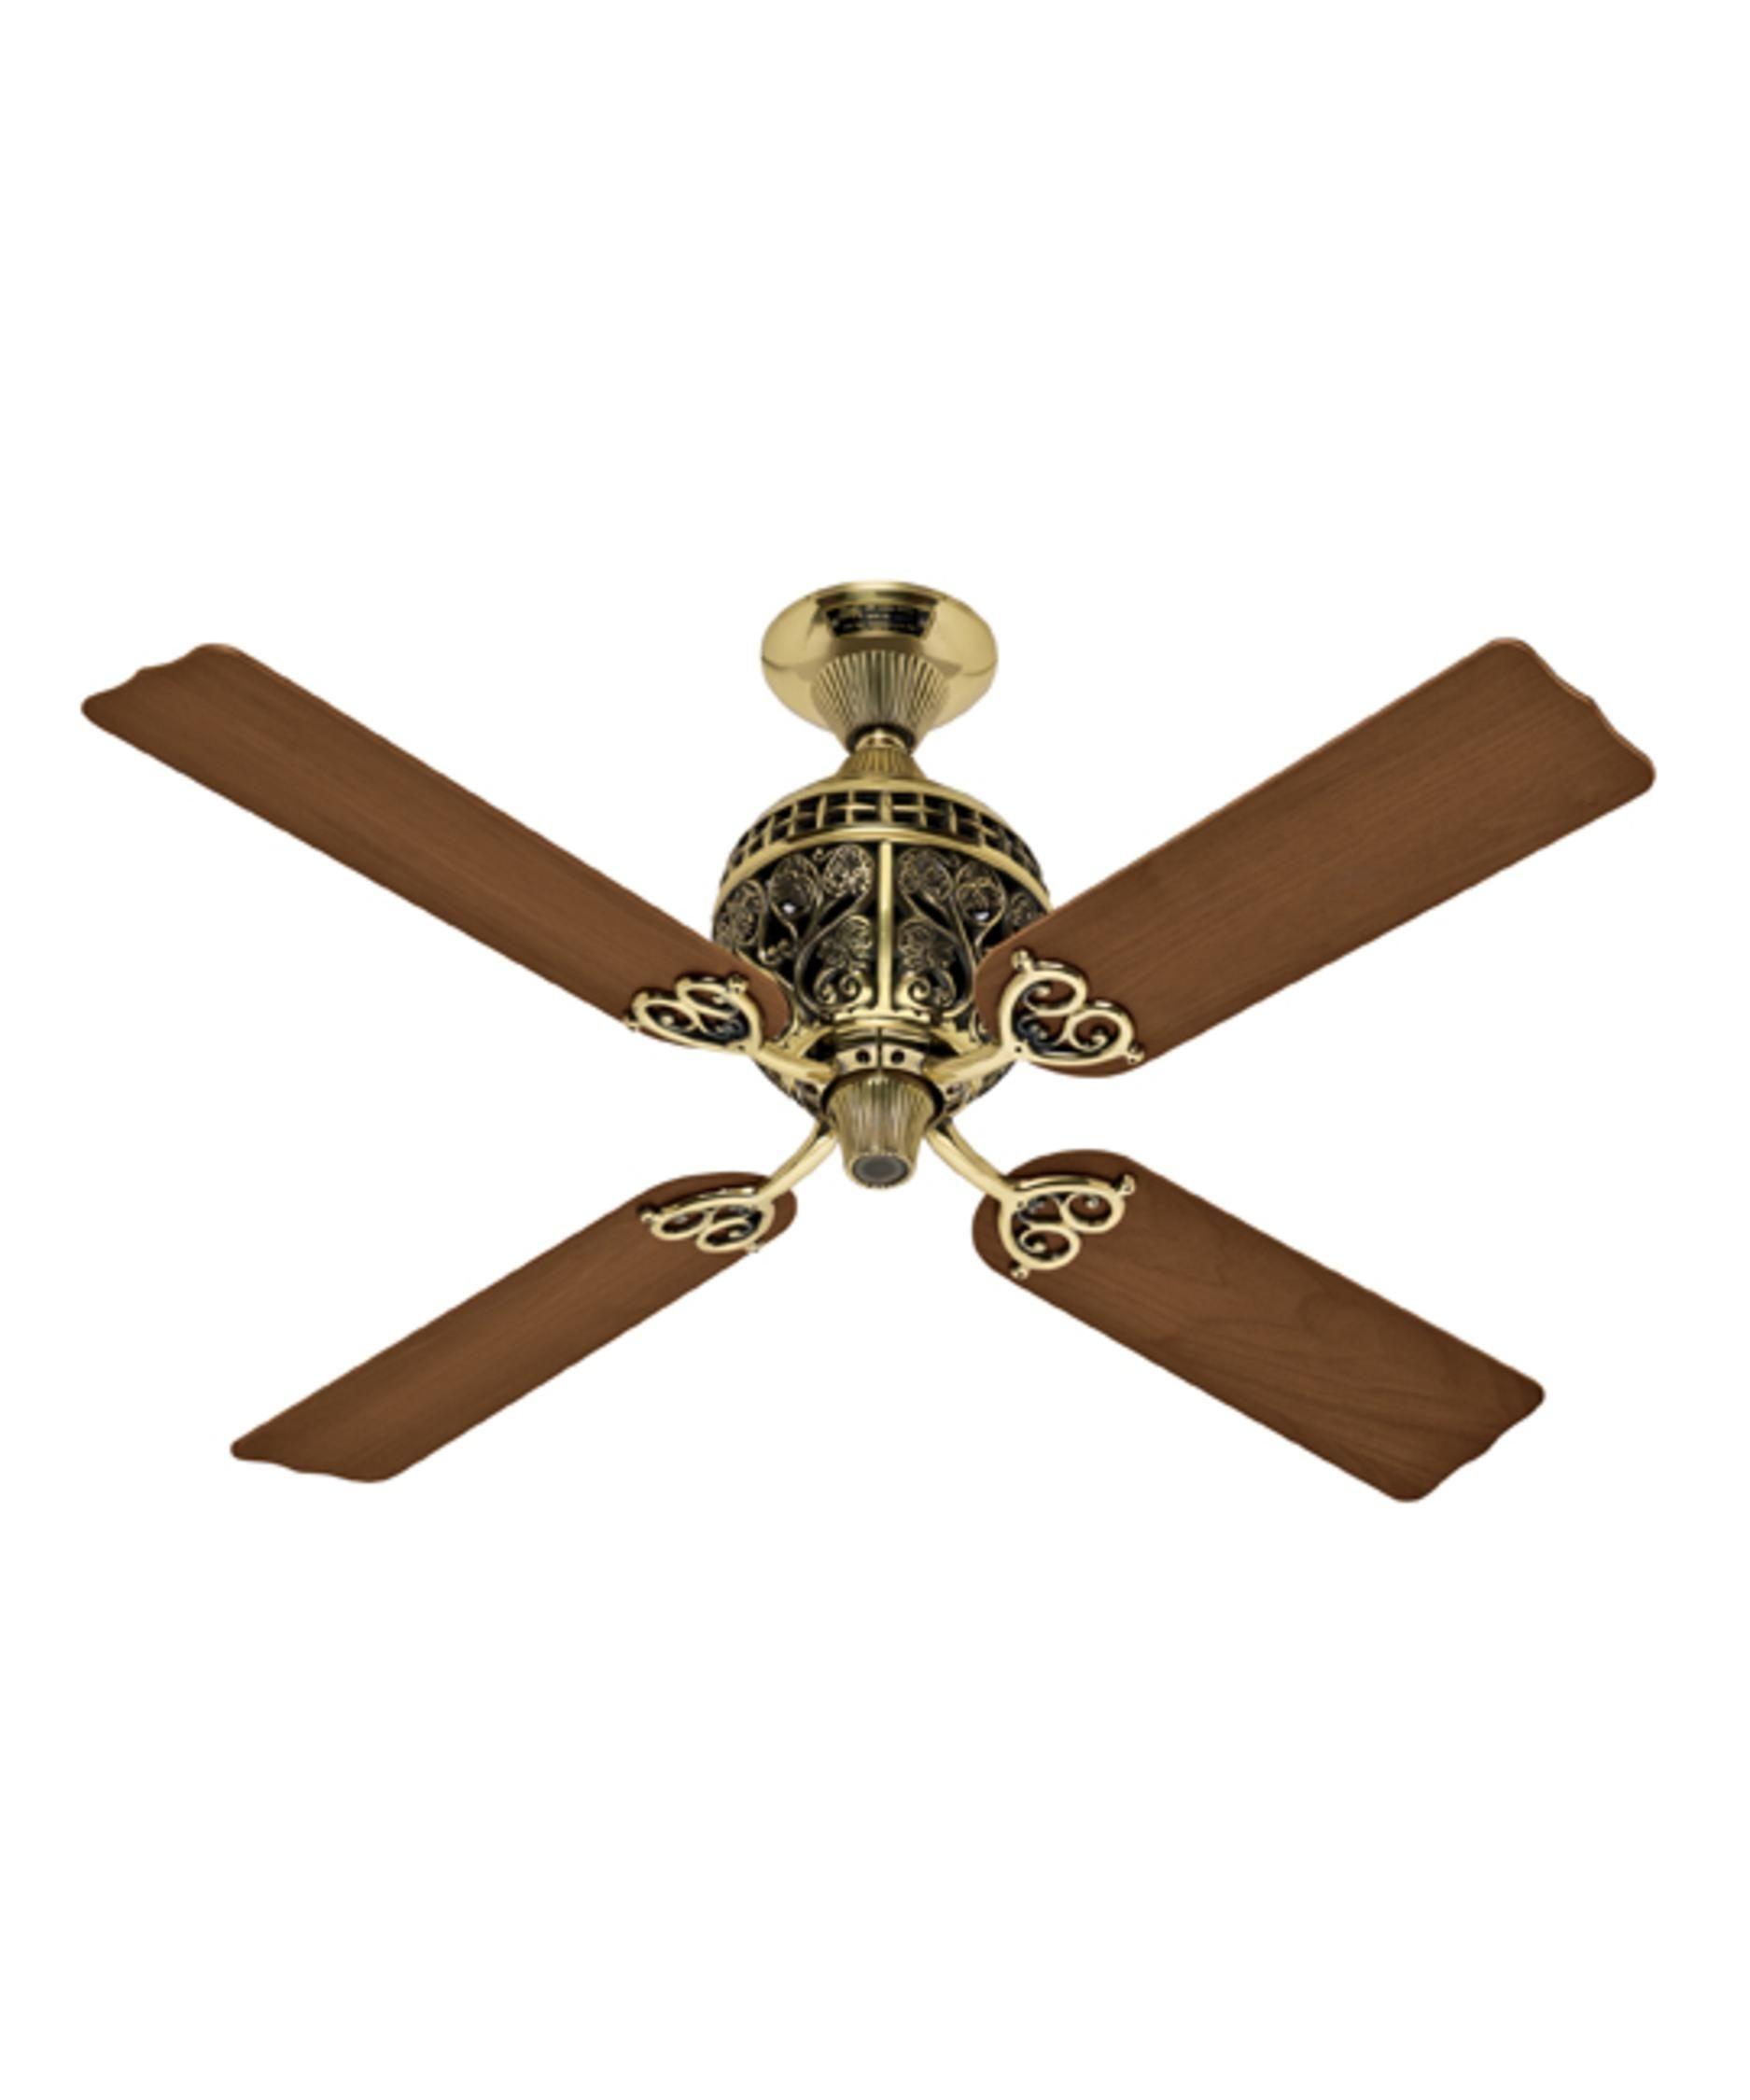 Hunter 1886 series ceiling fan httponlinecompliancefo hunter 1886 series ceiling fan aloadofball Images